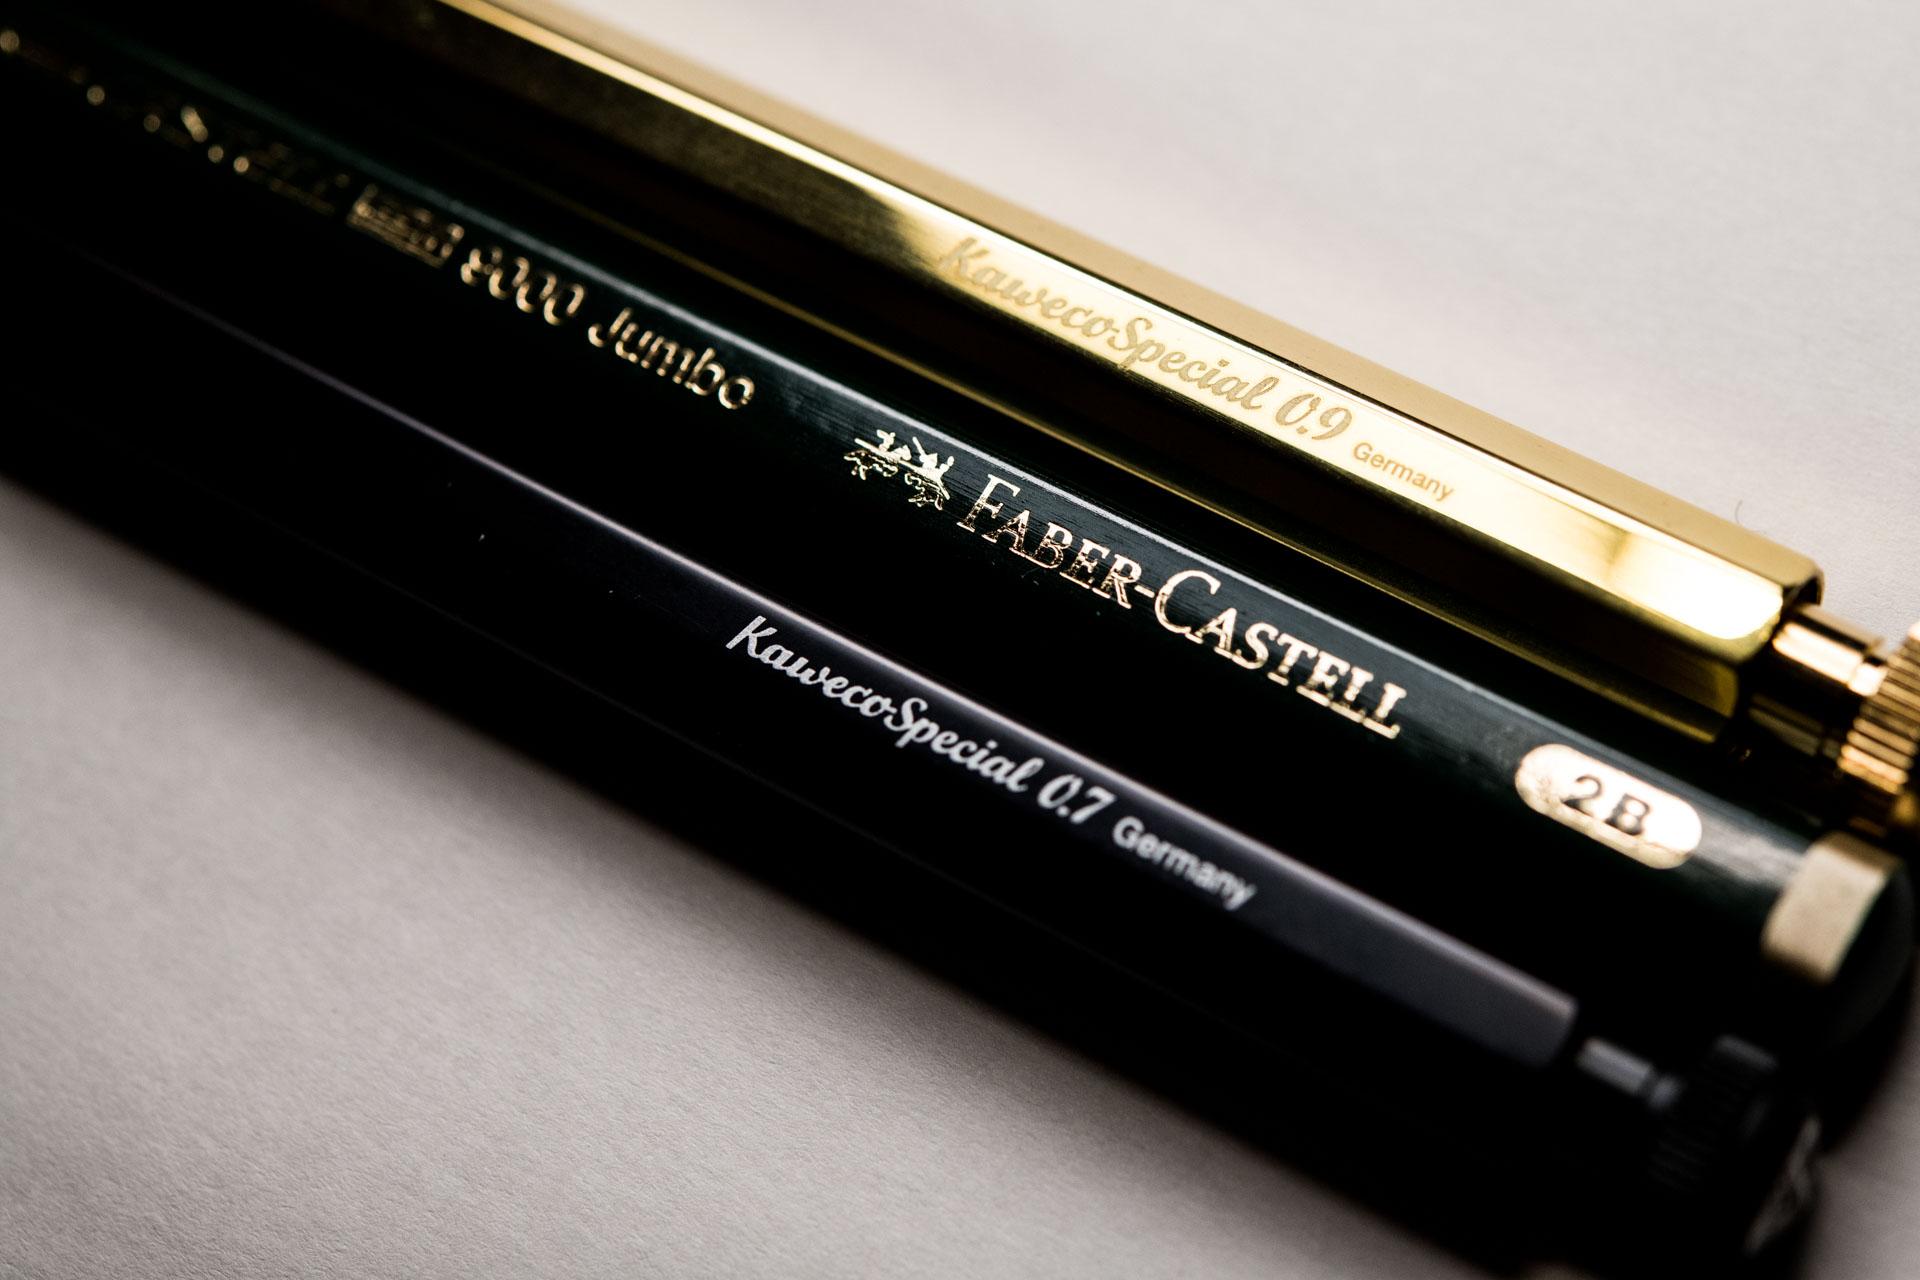 カヴェコブラス0.9とアルミ0.7とファーバーカステルのジャンボ鉛筆との比較